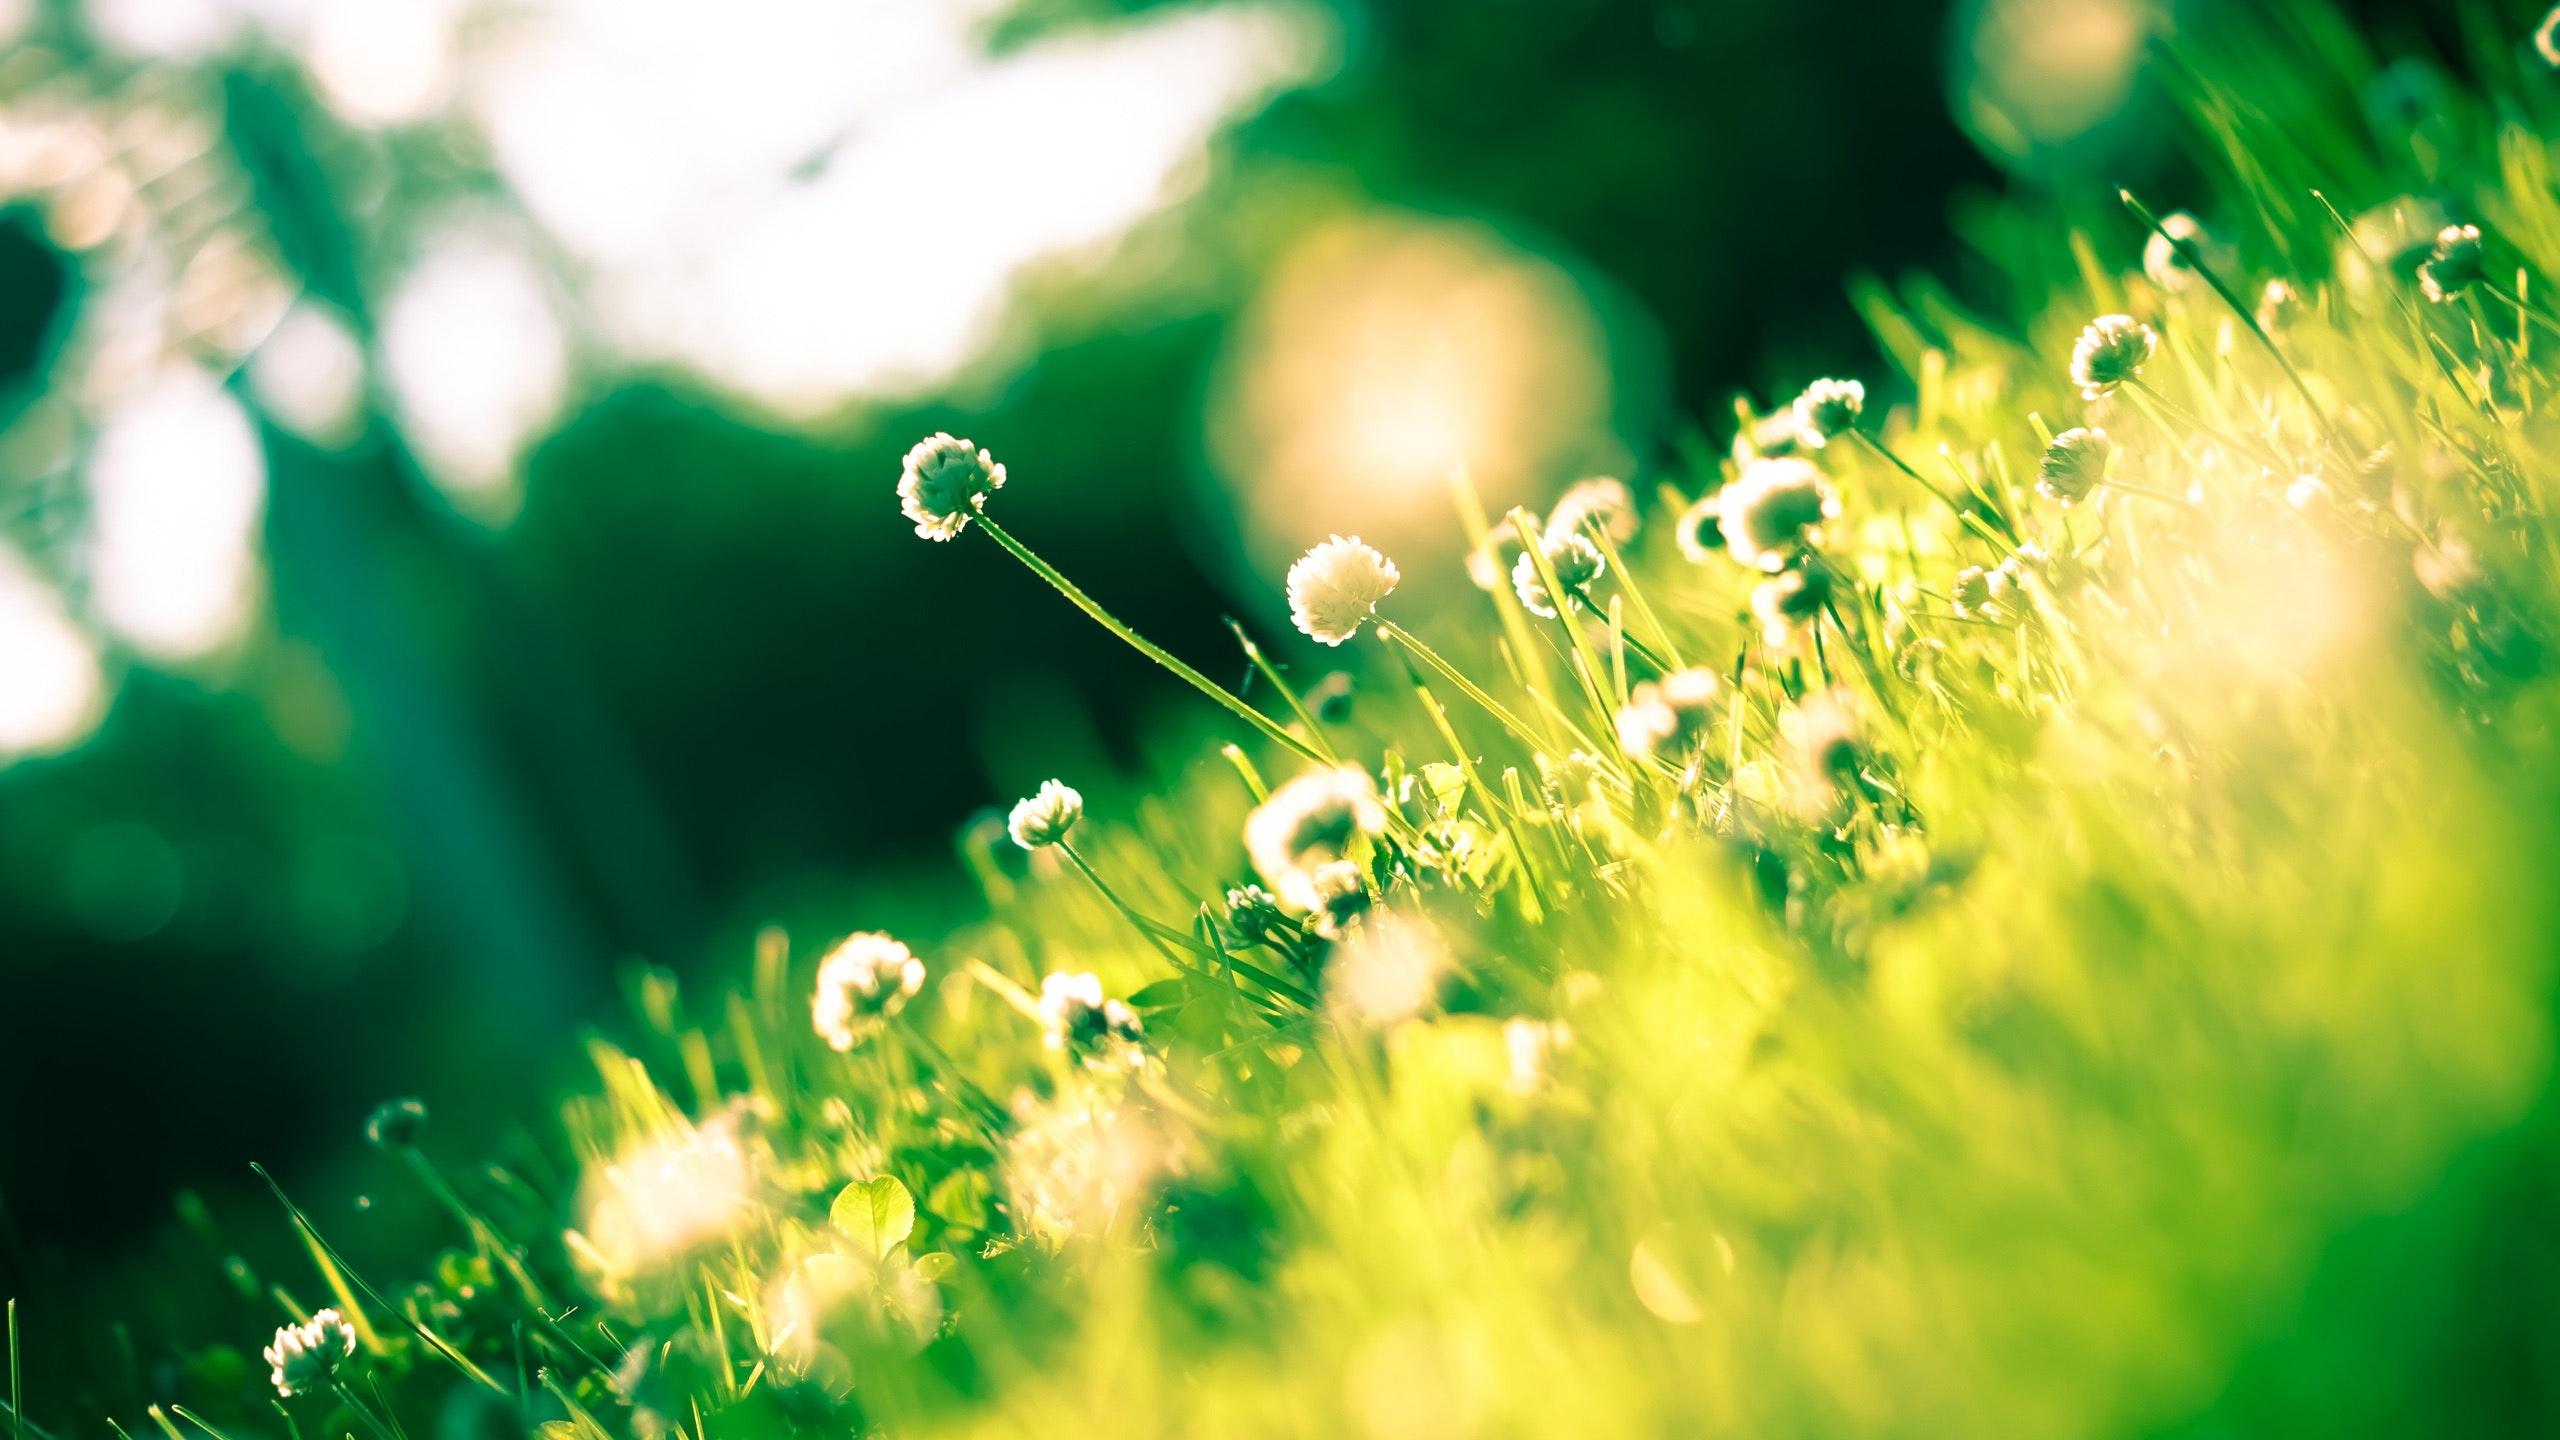 180 nouns words to describe spring